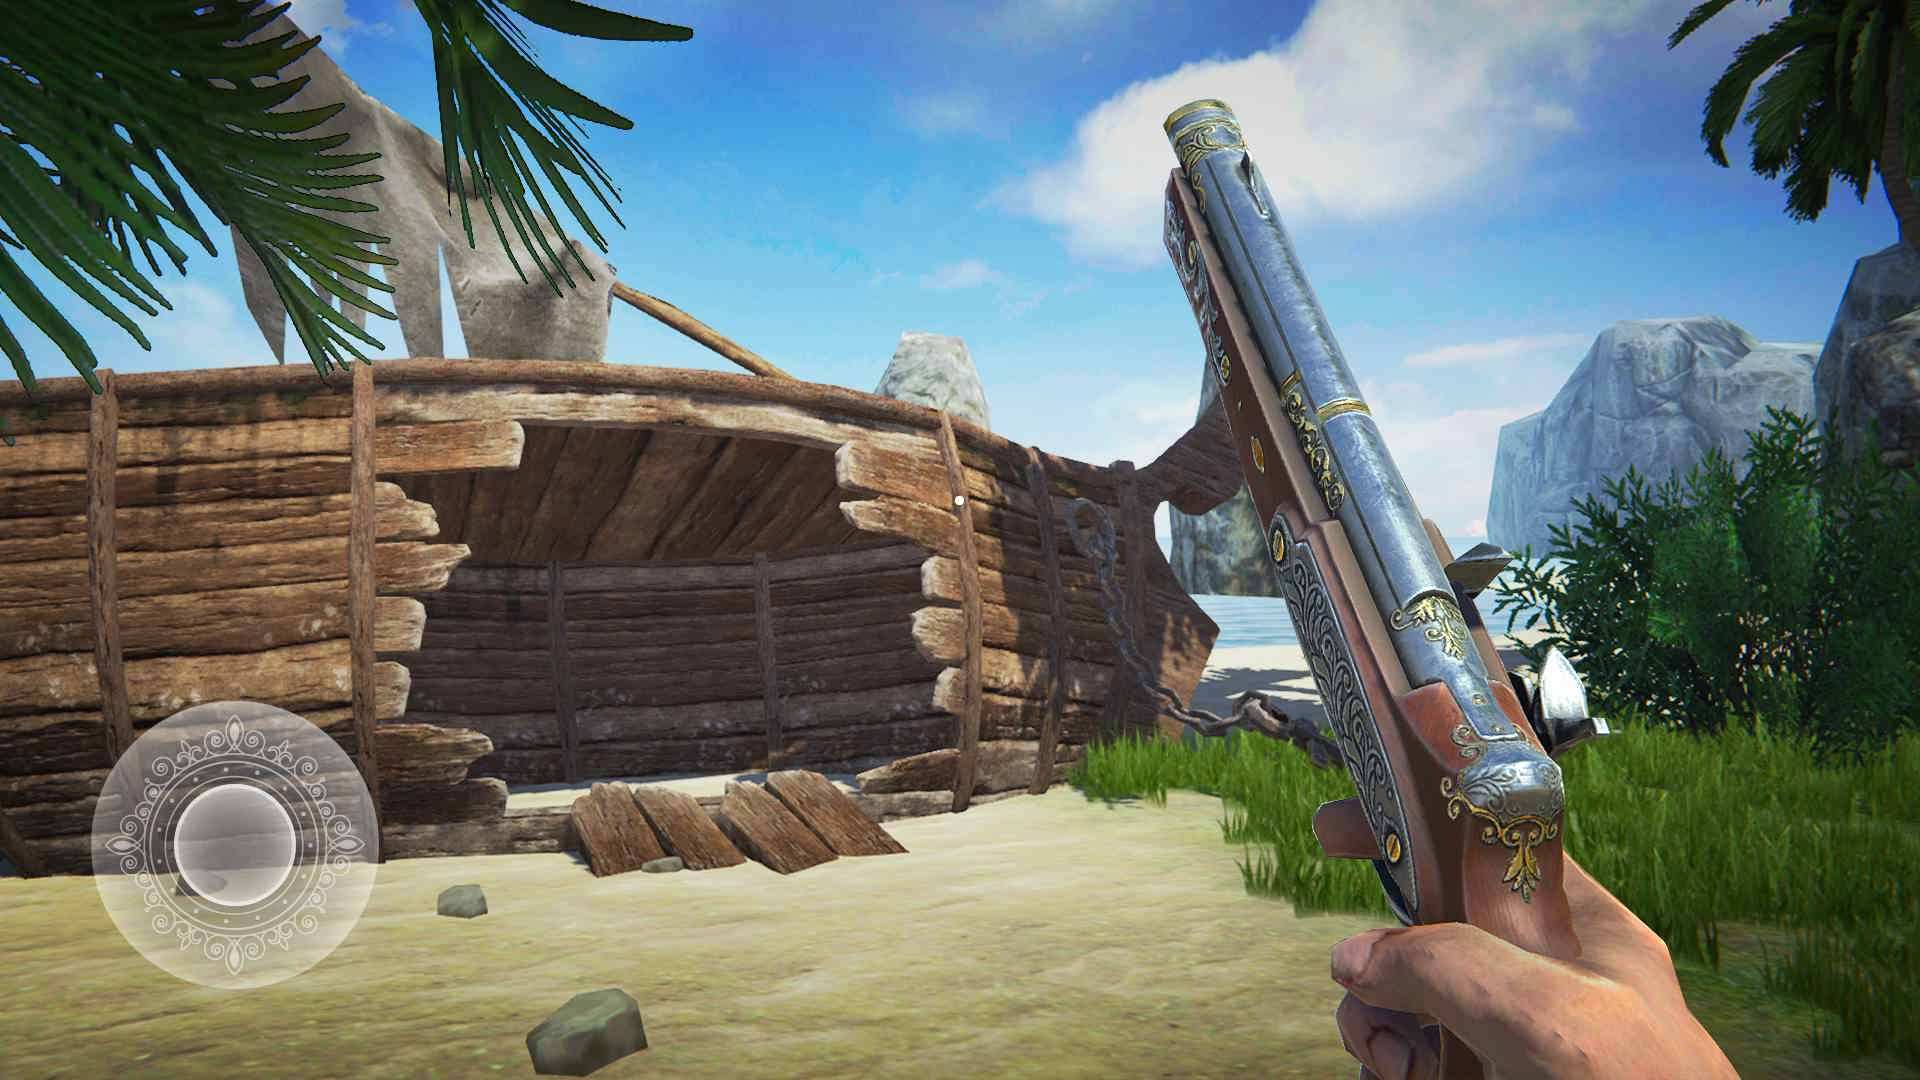 دانلود Last Pirate: Island Survival 0.924 – بازی ماجراجویی بقا در جزیره اندروید